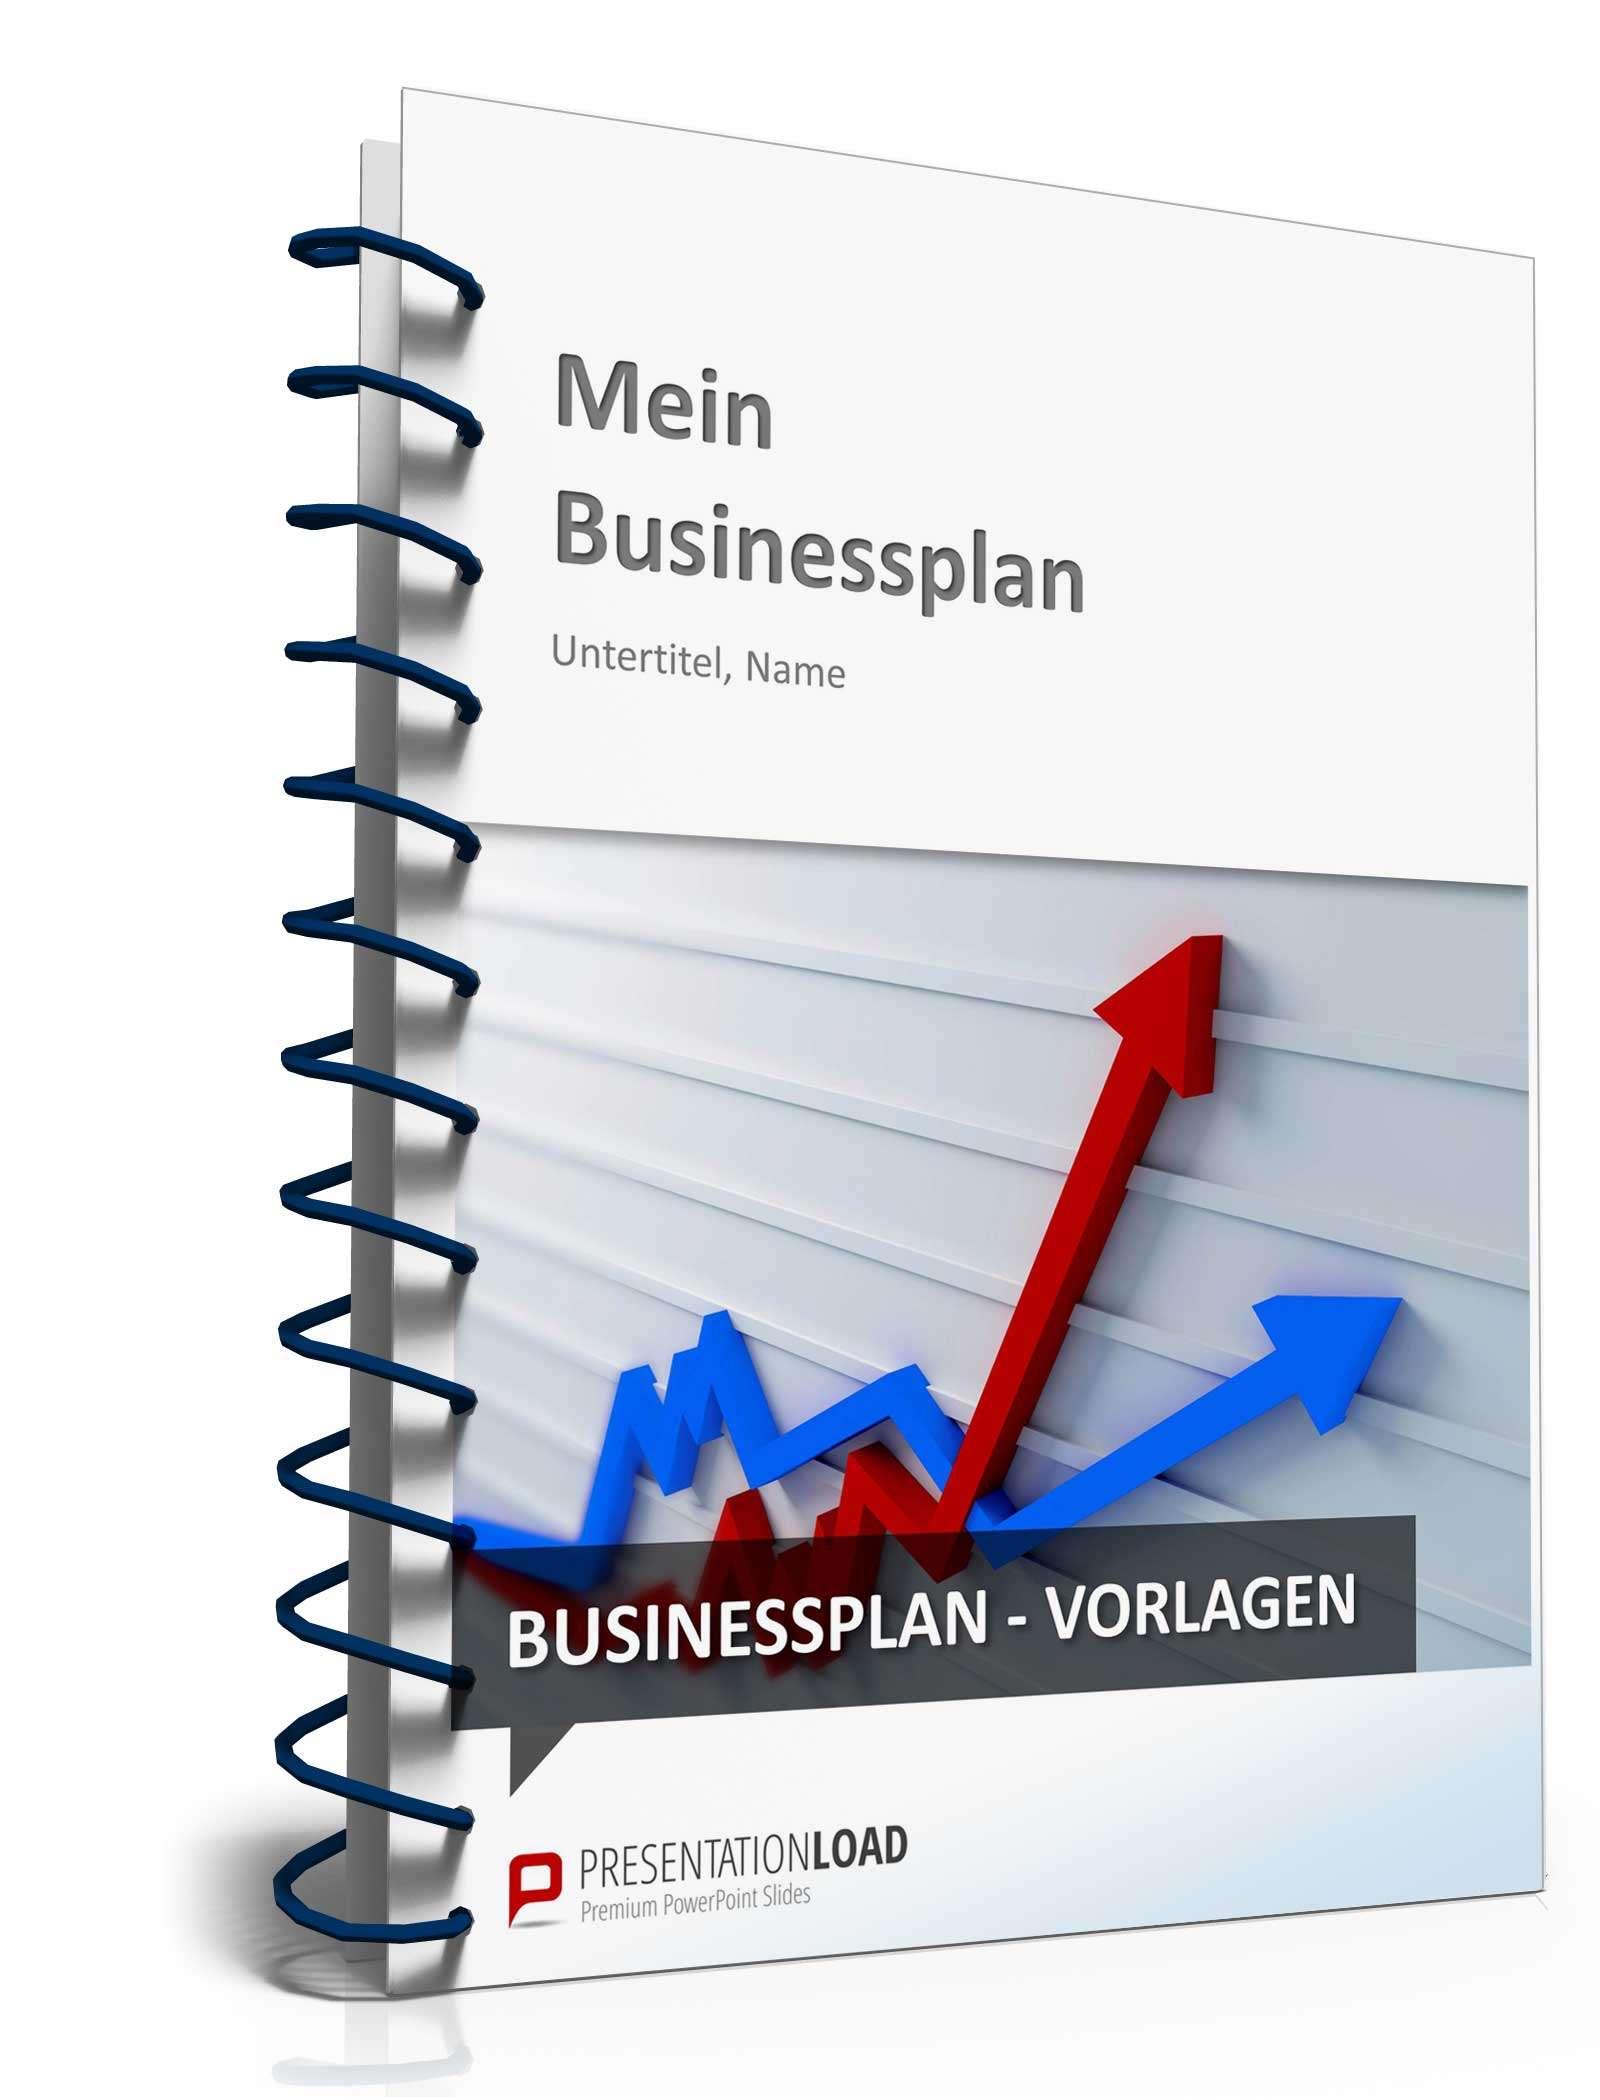 PowerPoint Präsentation Businessplan | Vorlage zum Download